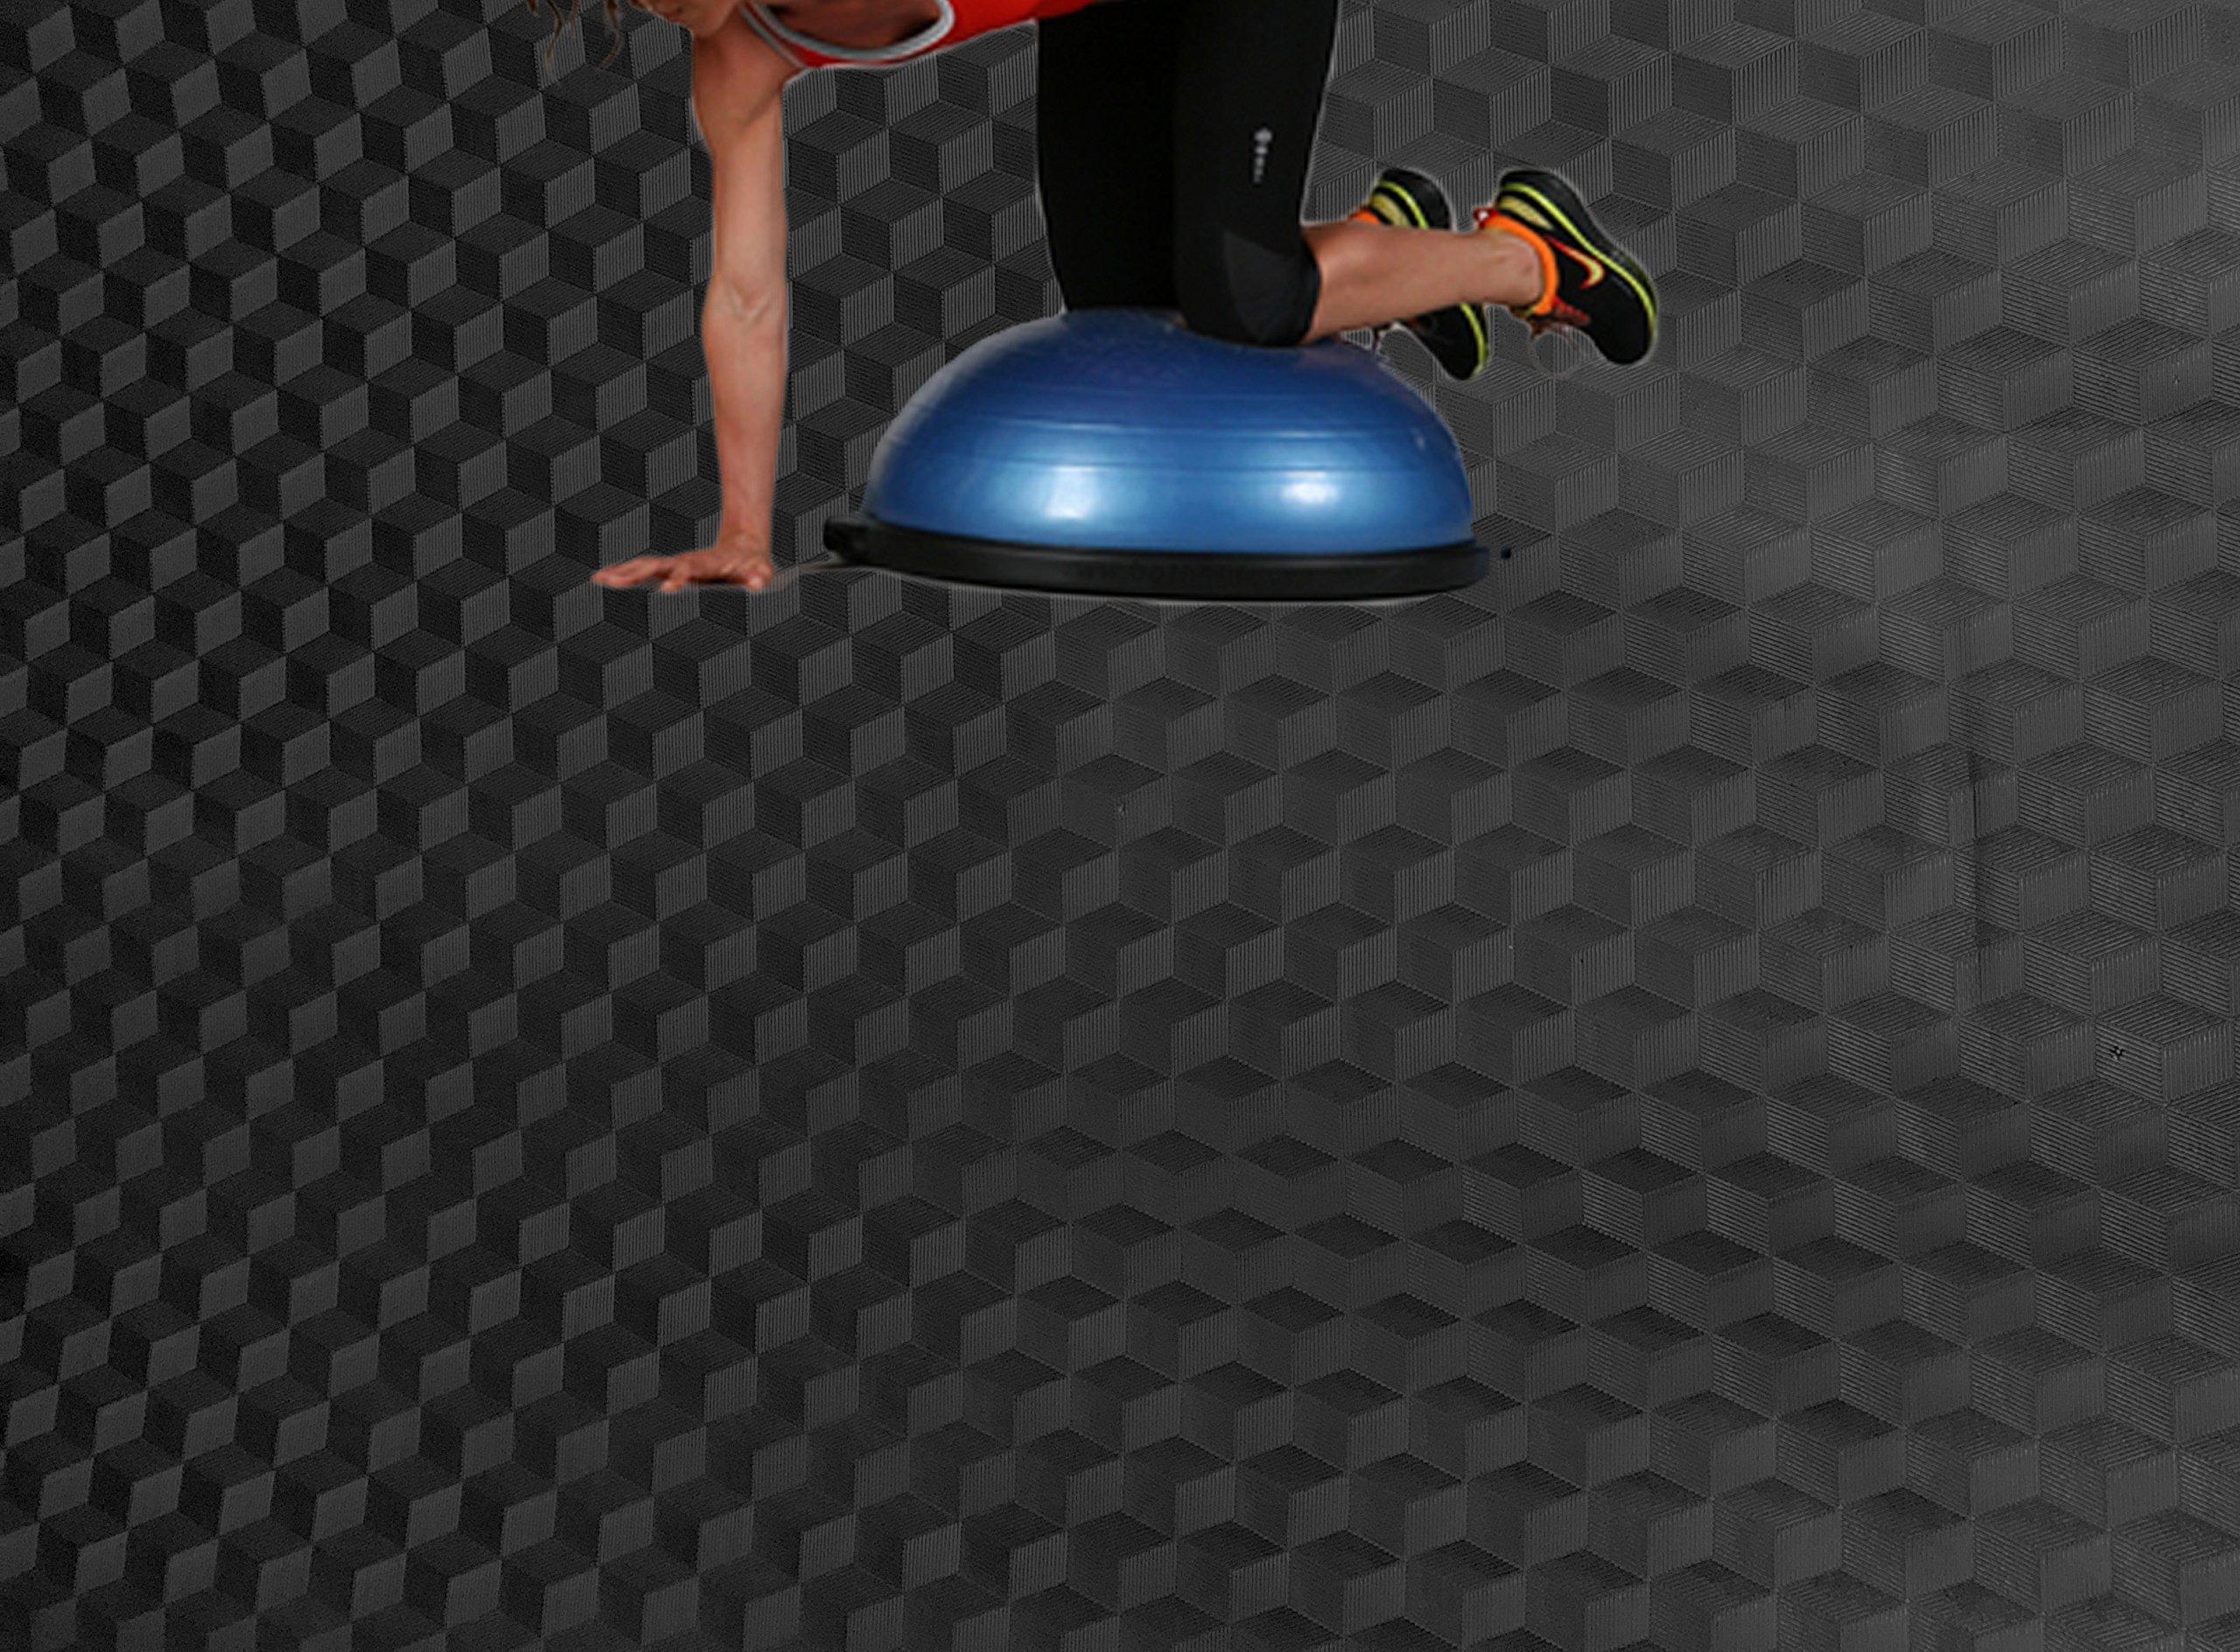 AMERIQUE 691322303360 Unique Metallic Vinyl Flooring, 2mm x 4' x 25' 100 sq. ft, Black Diamond, Square Feet